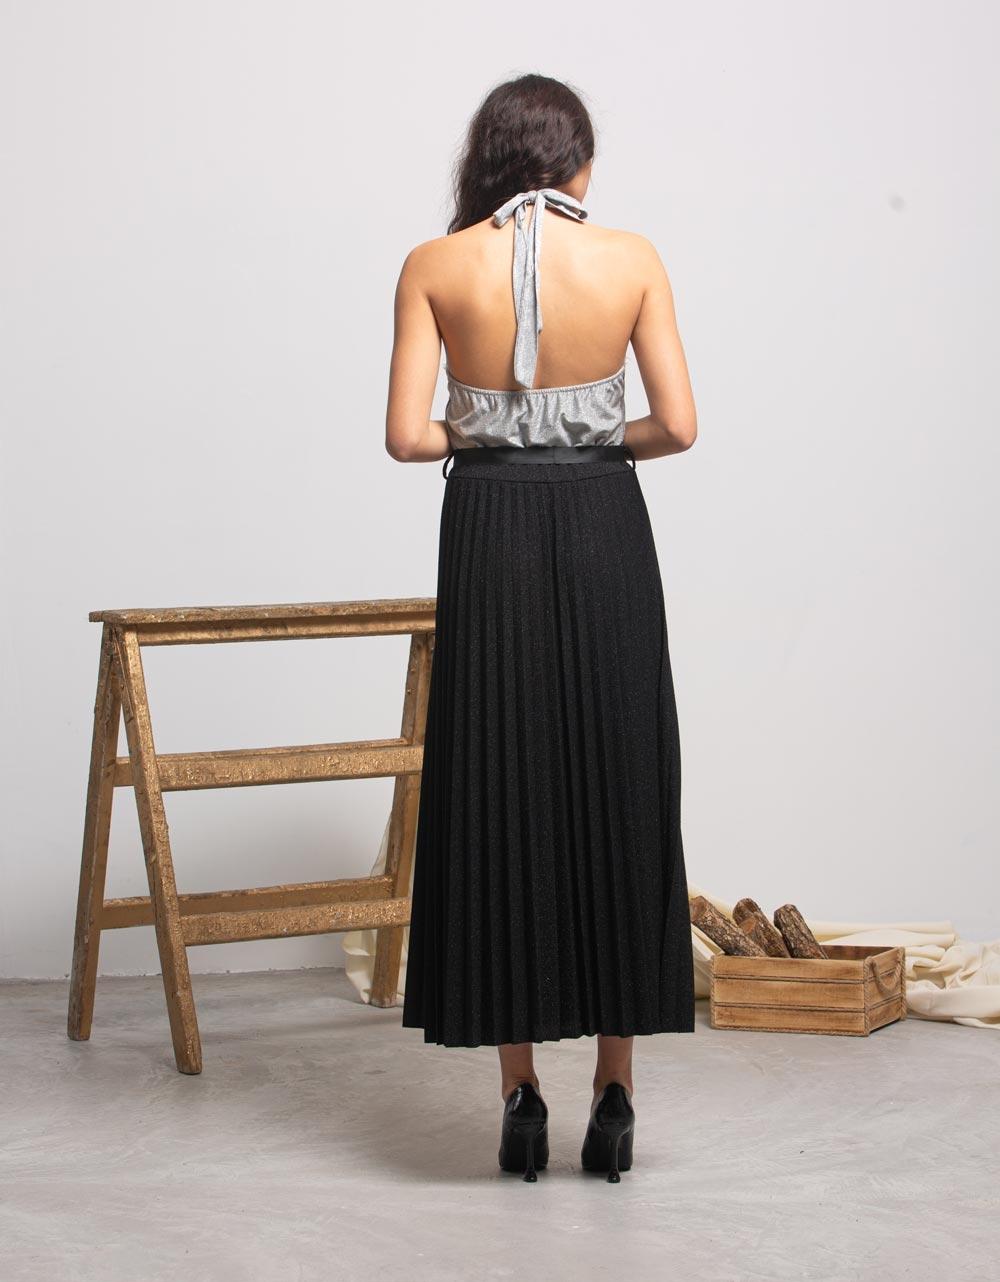 Εικόνα από Γυναικεία μπλούζα με δέσιμο στο λαιμό και άνοιγμα στην πλάτη Ασημί